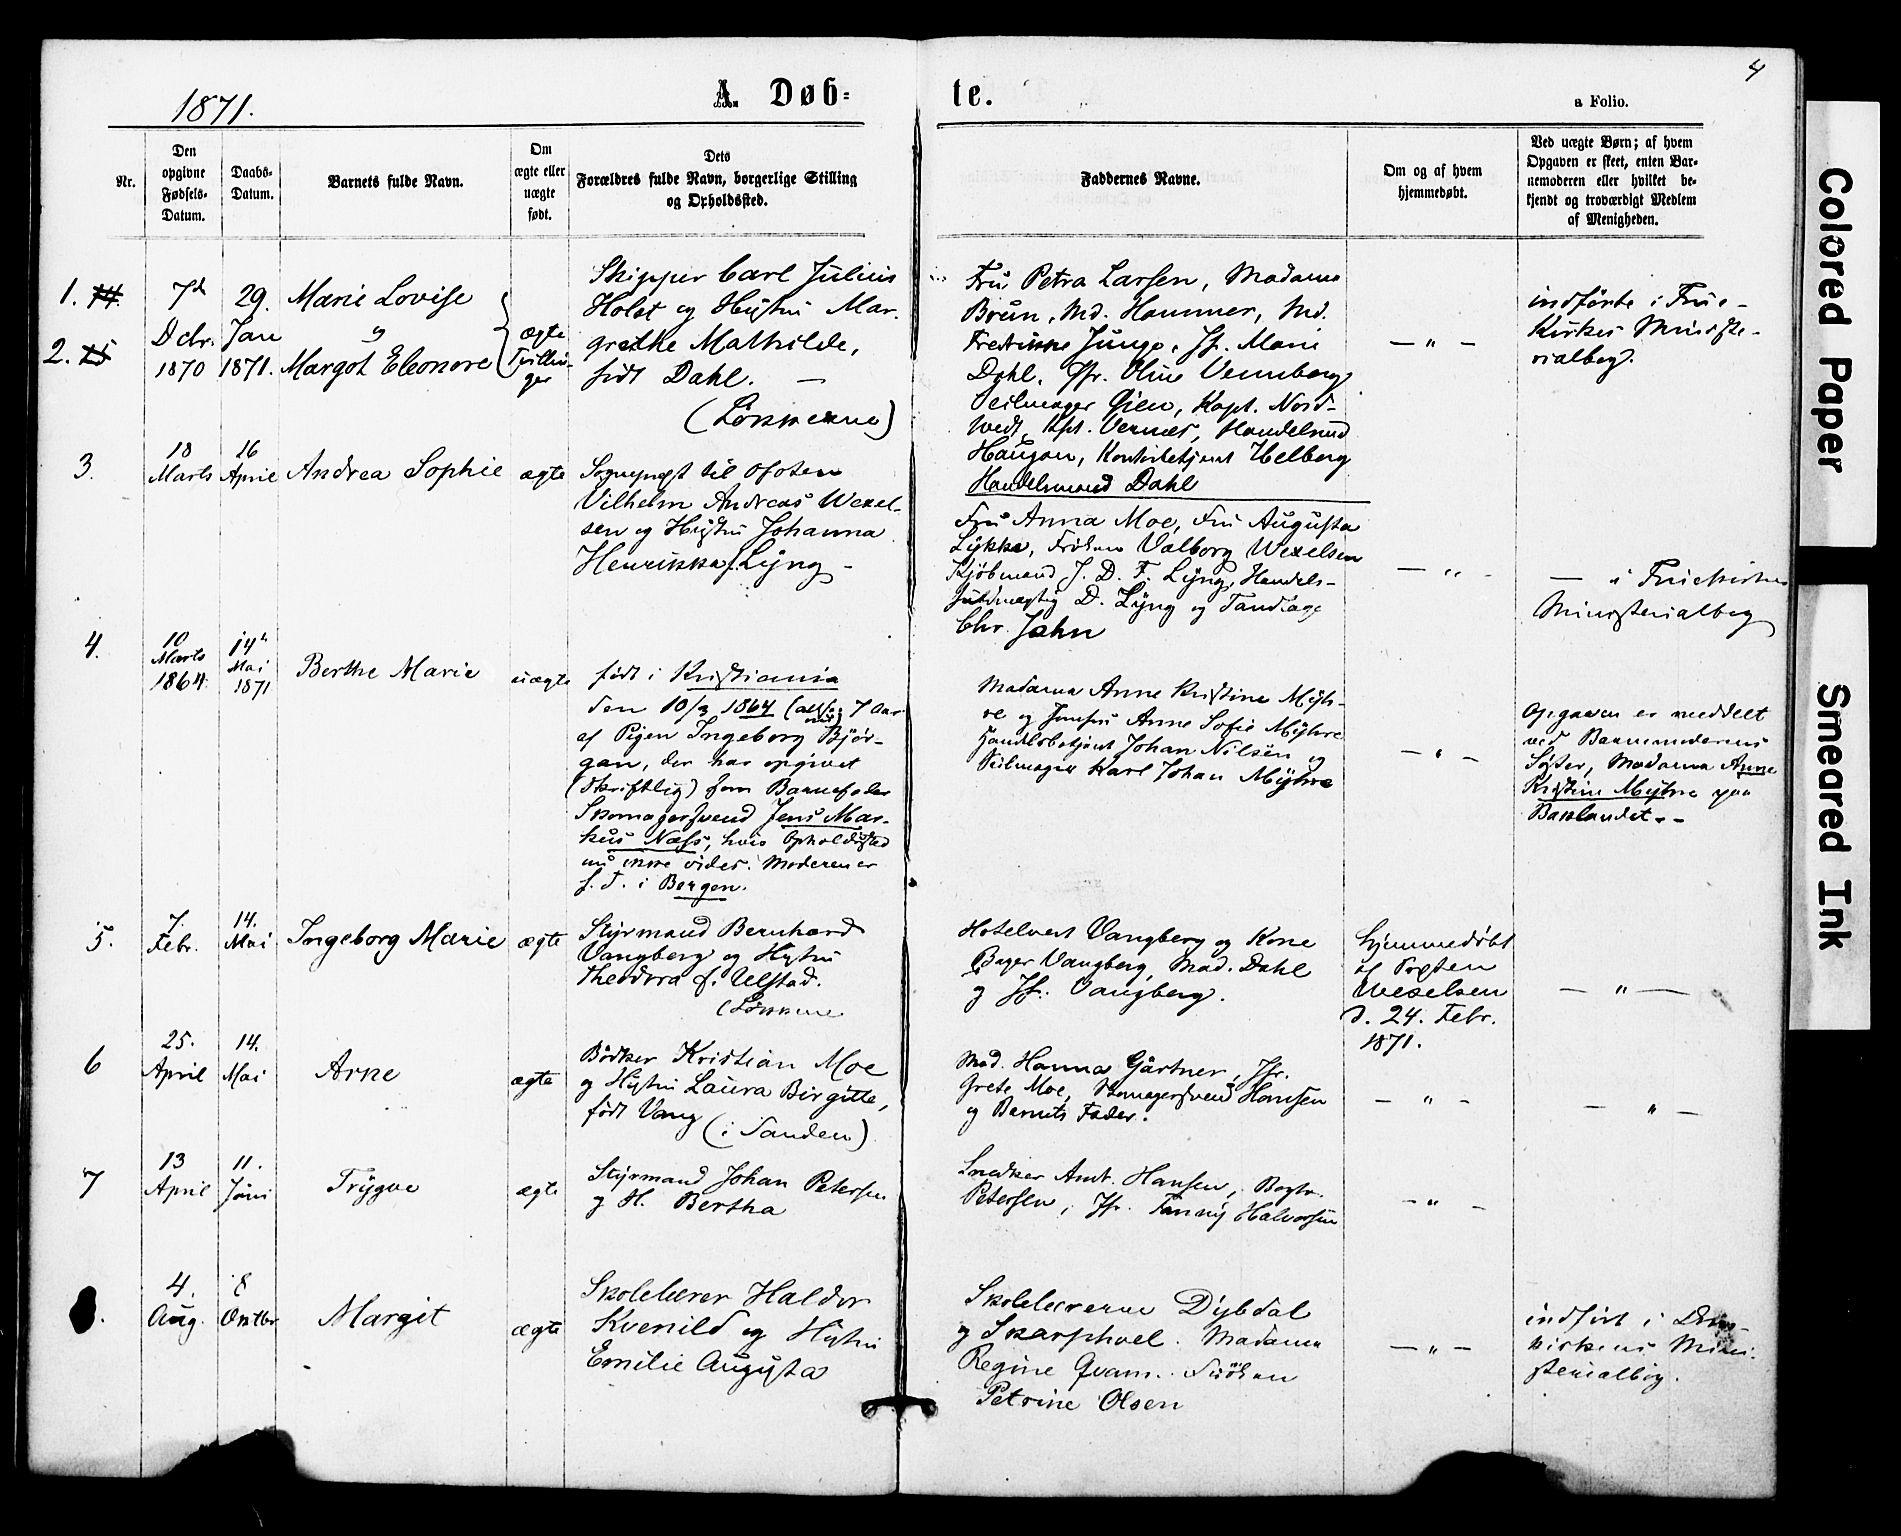 SAT, Ministerialprotokoller, klokkerbøker og fødselsregistre - Sør-Trøndelag, 623/L0469: Ministerialbok nr. 623A03, 1868-1883, s. 4